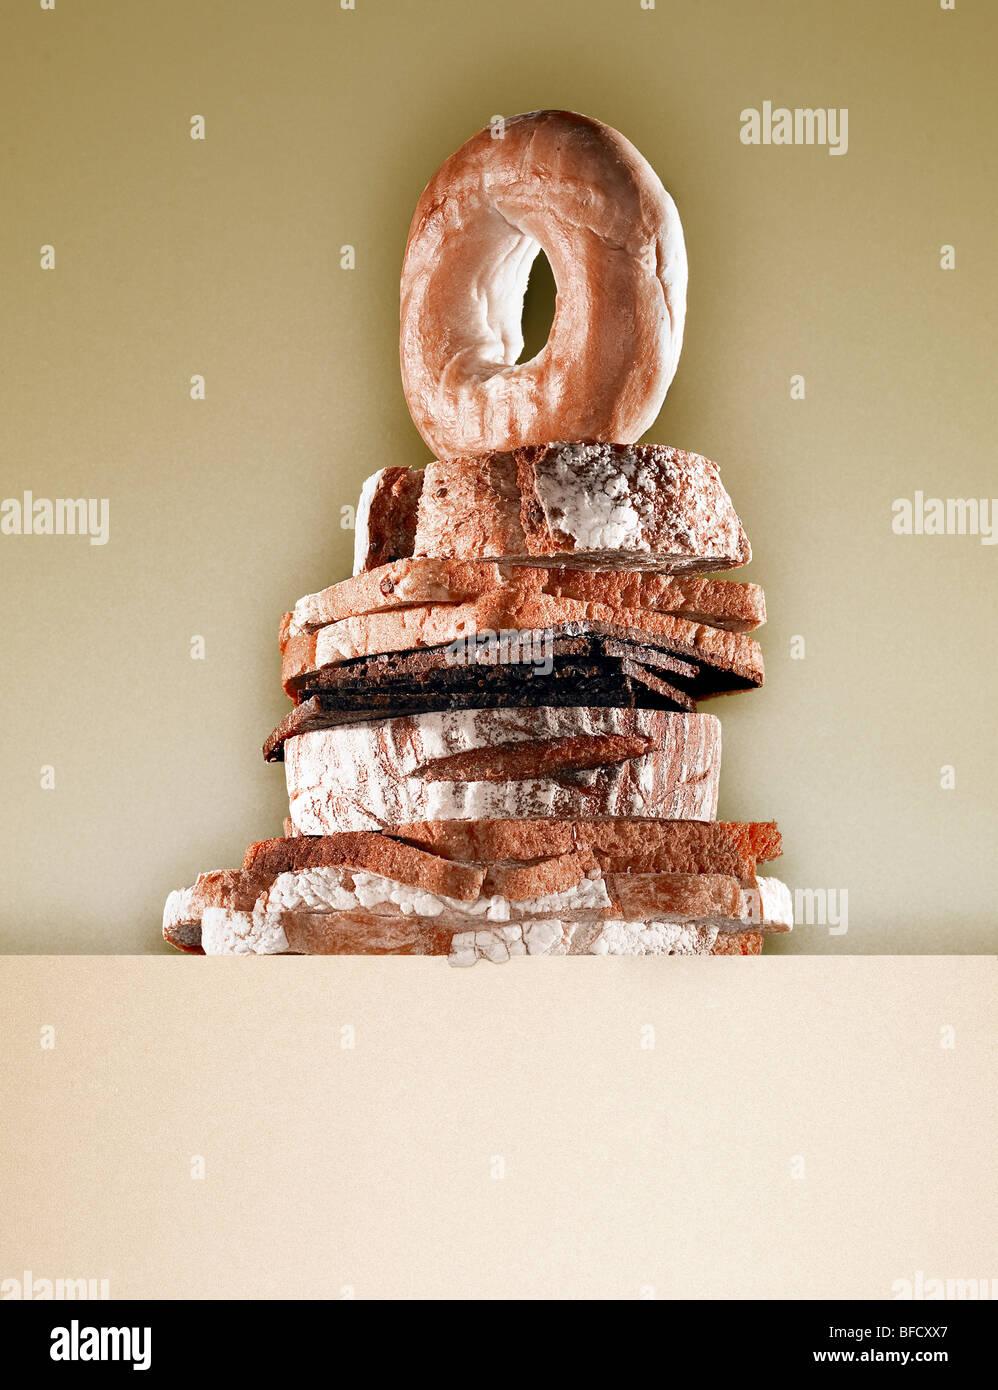 Pains, sept différents types de pain sain utilisé pour faire des sandwichs. Photo Stock